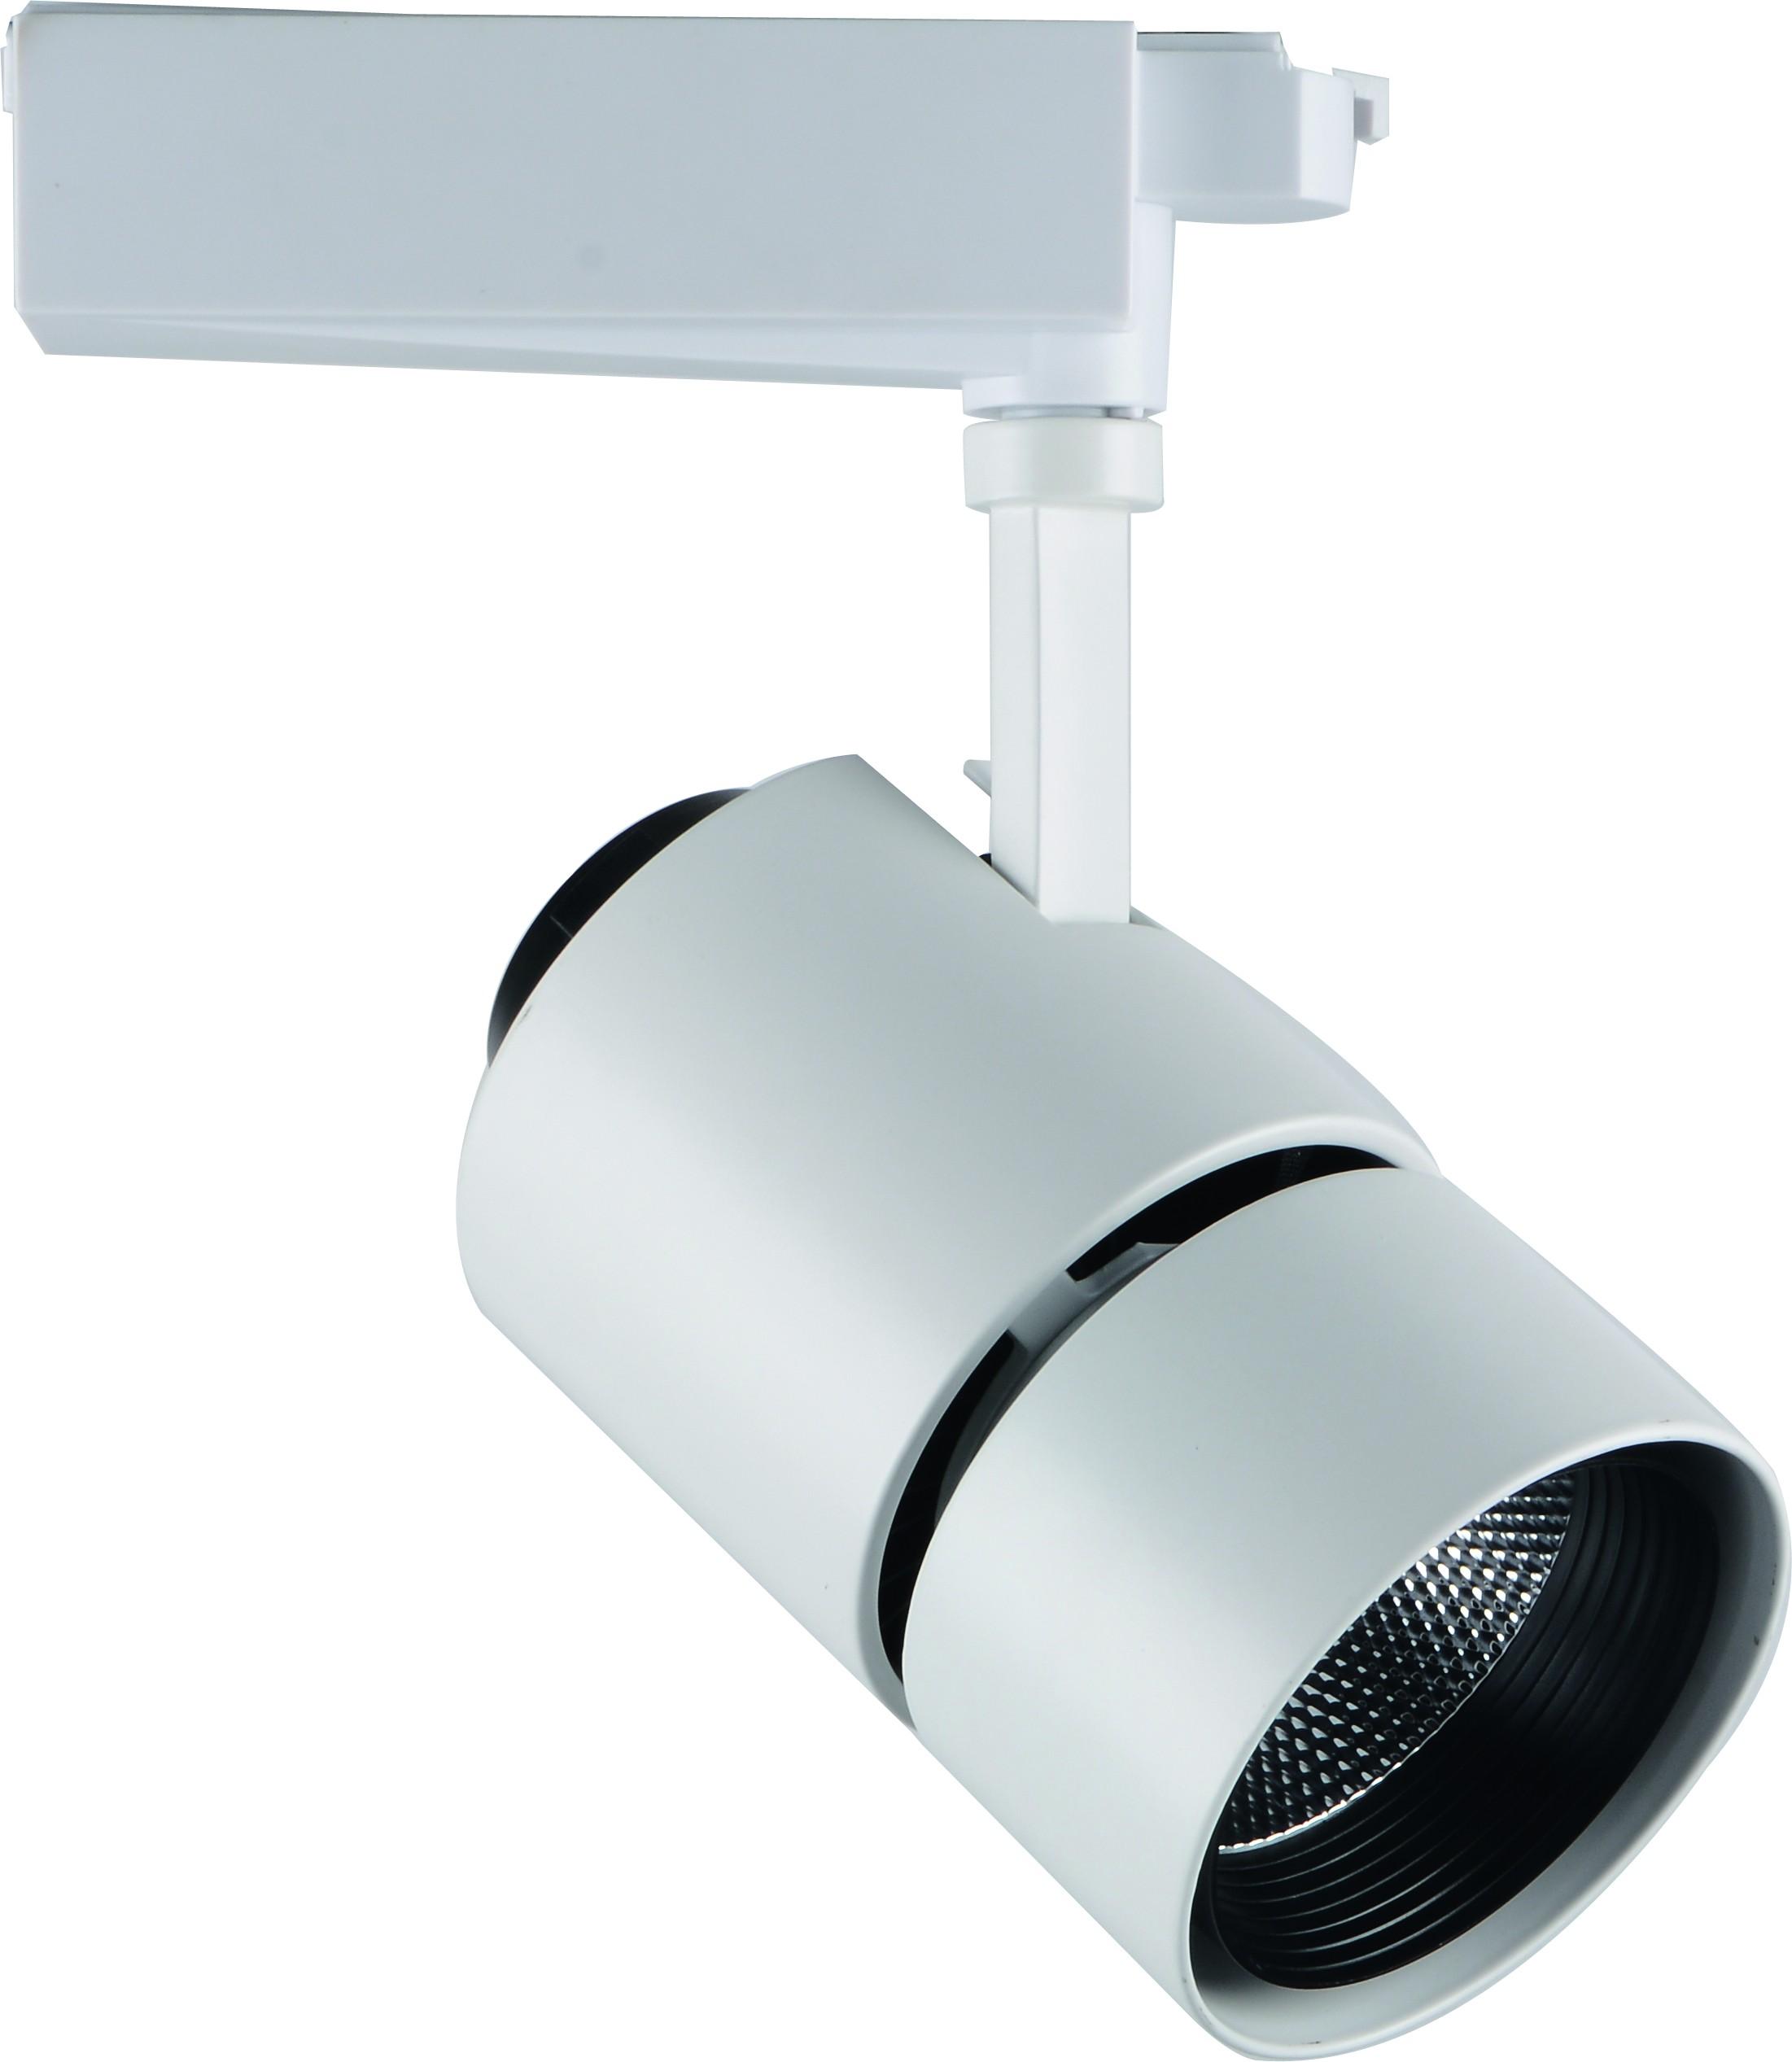 Купить Трек система Arte lamp A2450pl-1wh